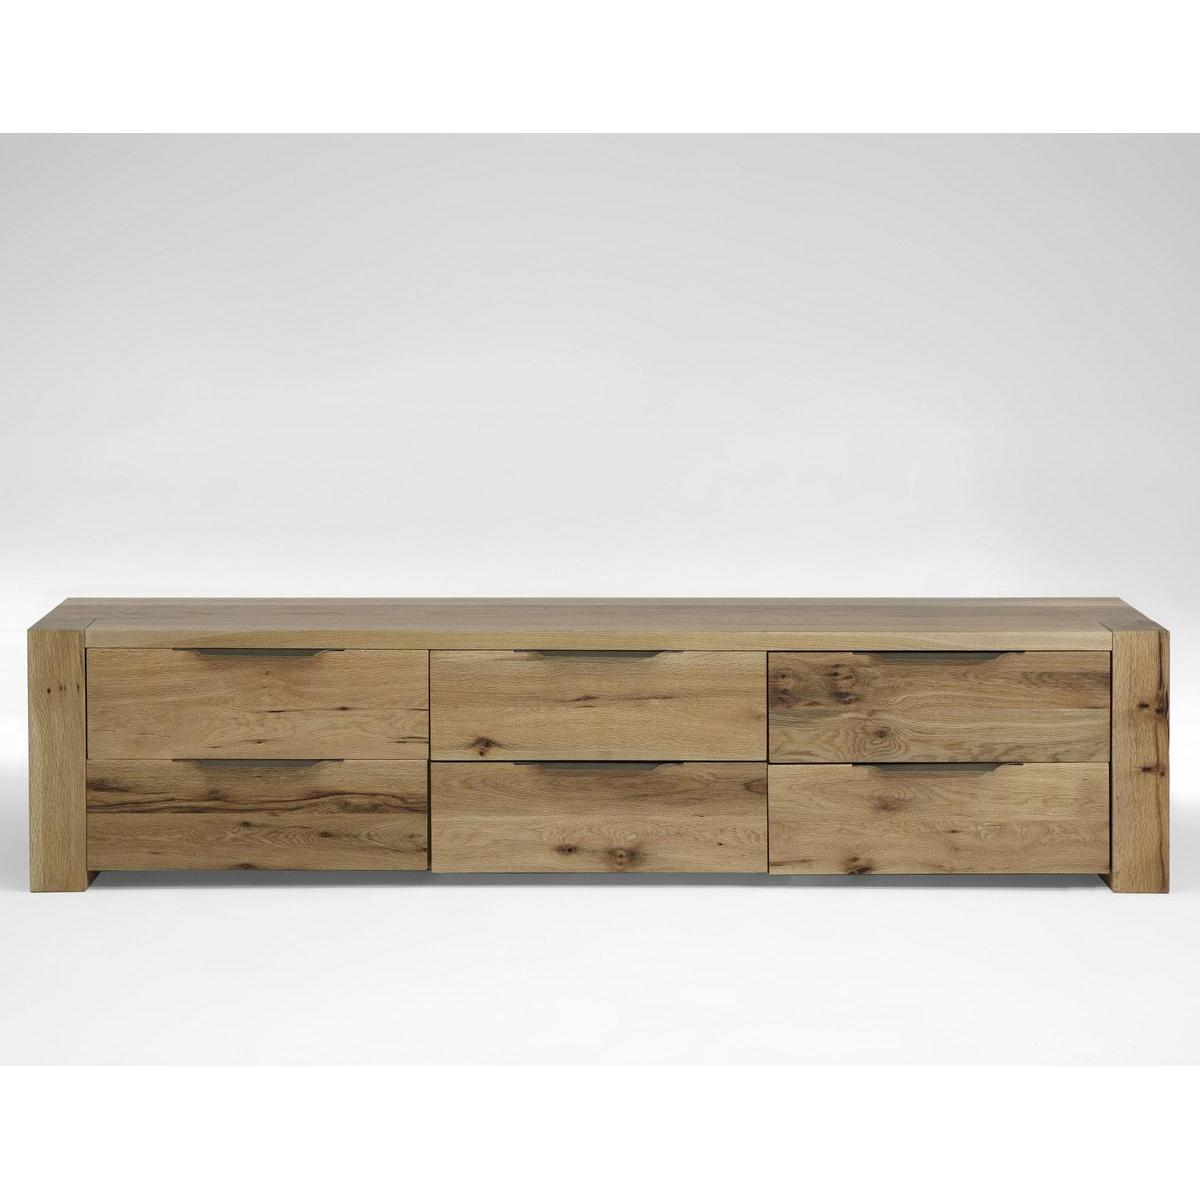 massivholz w schekommode mit 6 schubladen heavy sleep balkeneiche massiv natur ge lt. Black Bedroom Furniture Sets. Home Design Ideas